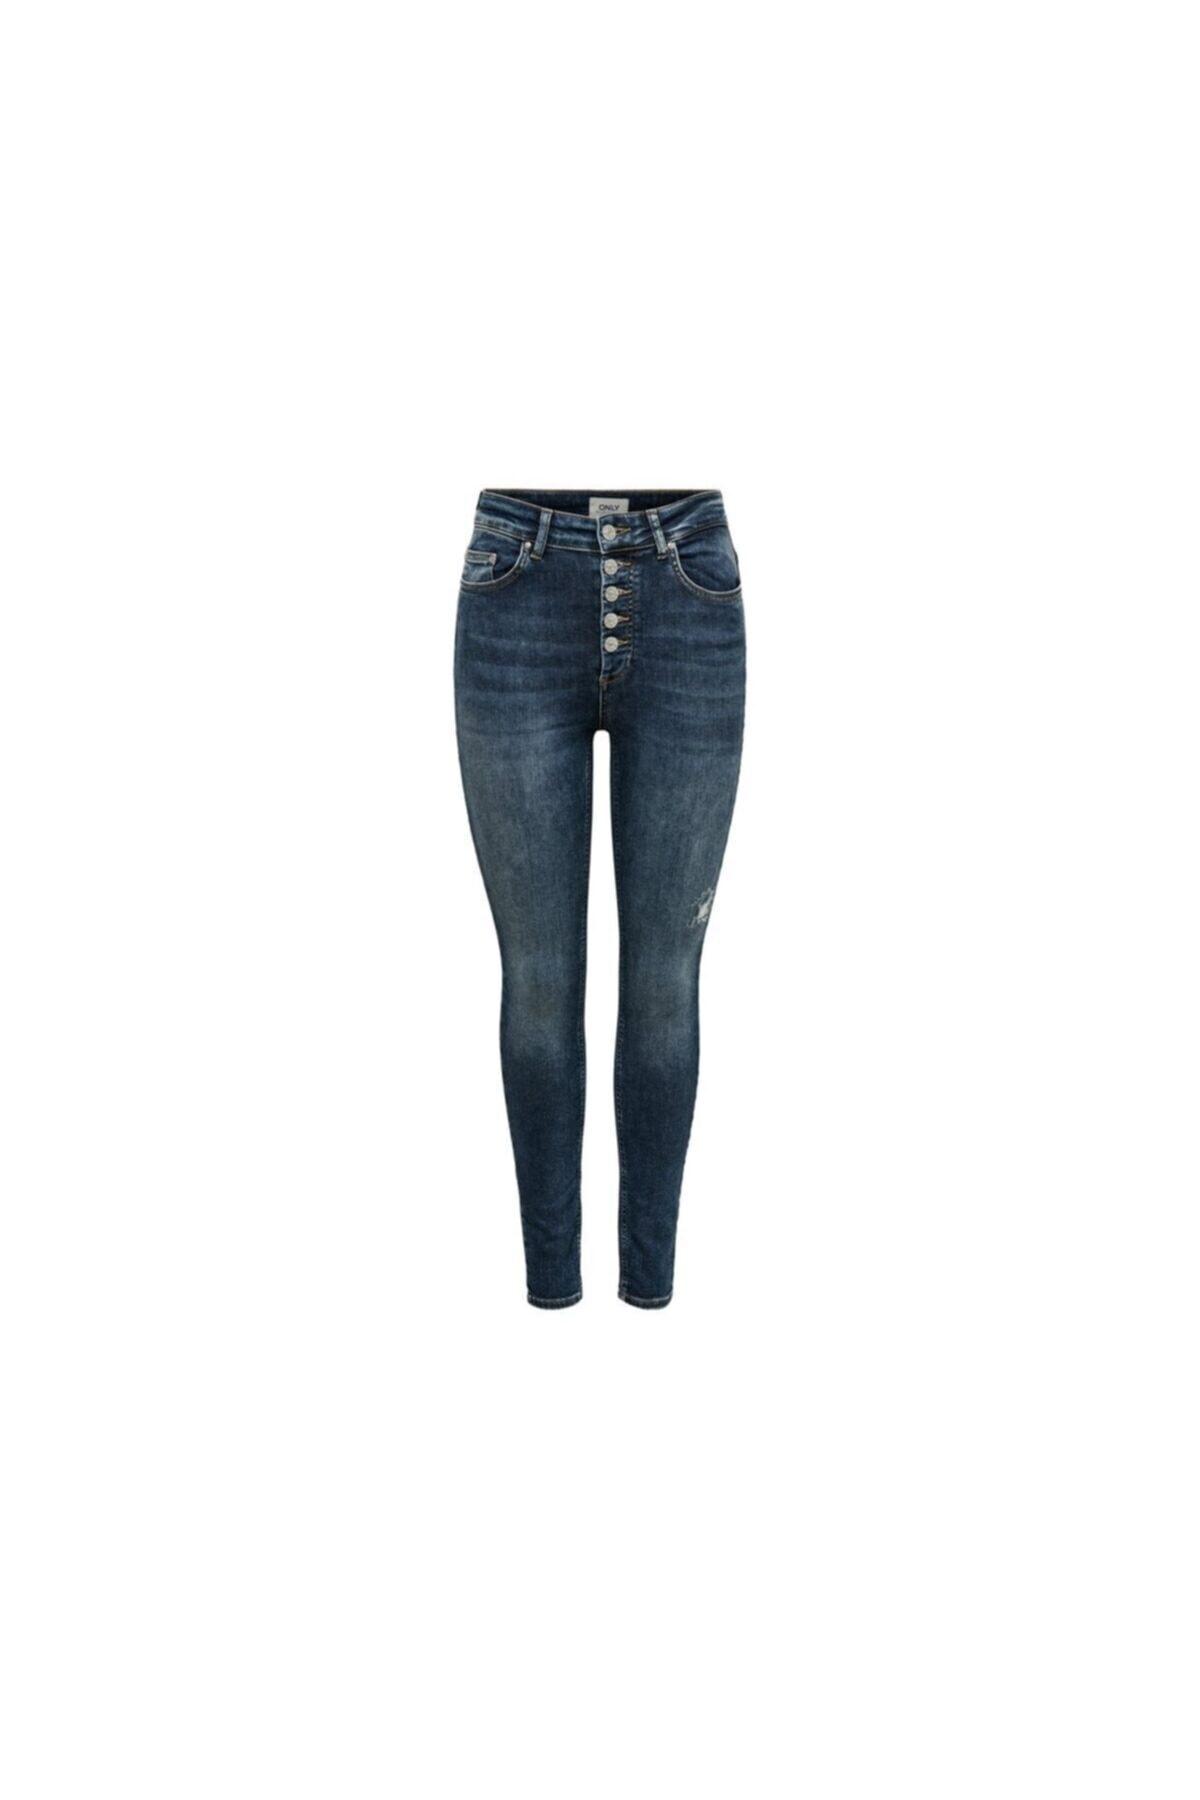 Only Kadın Mavi Onlblush Hw Button Sk Ank Jeans Rea3278 Pantolon 1